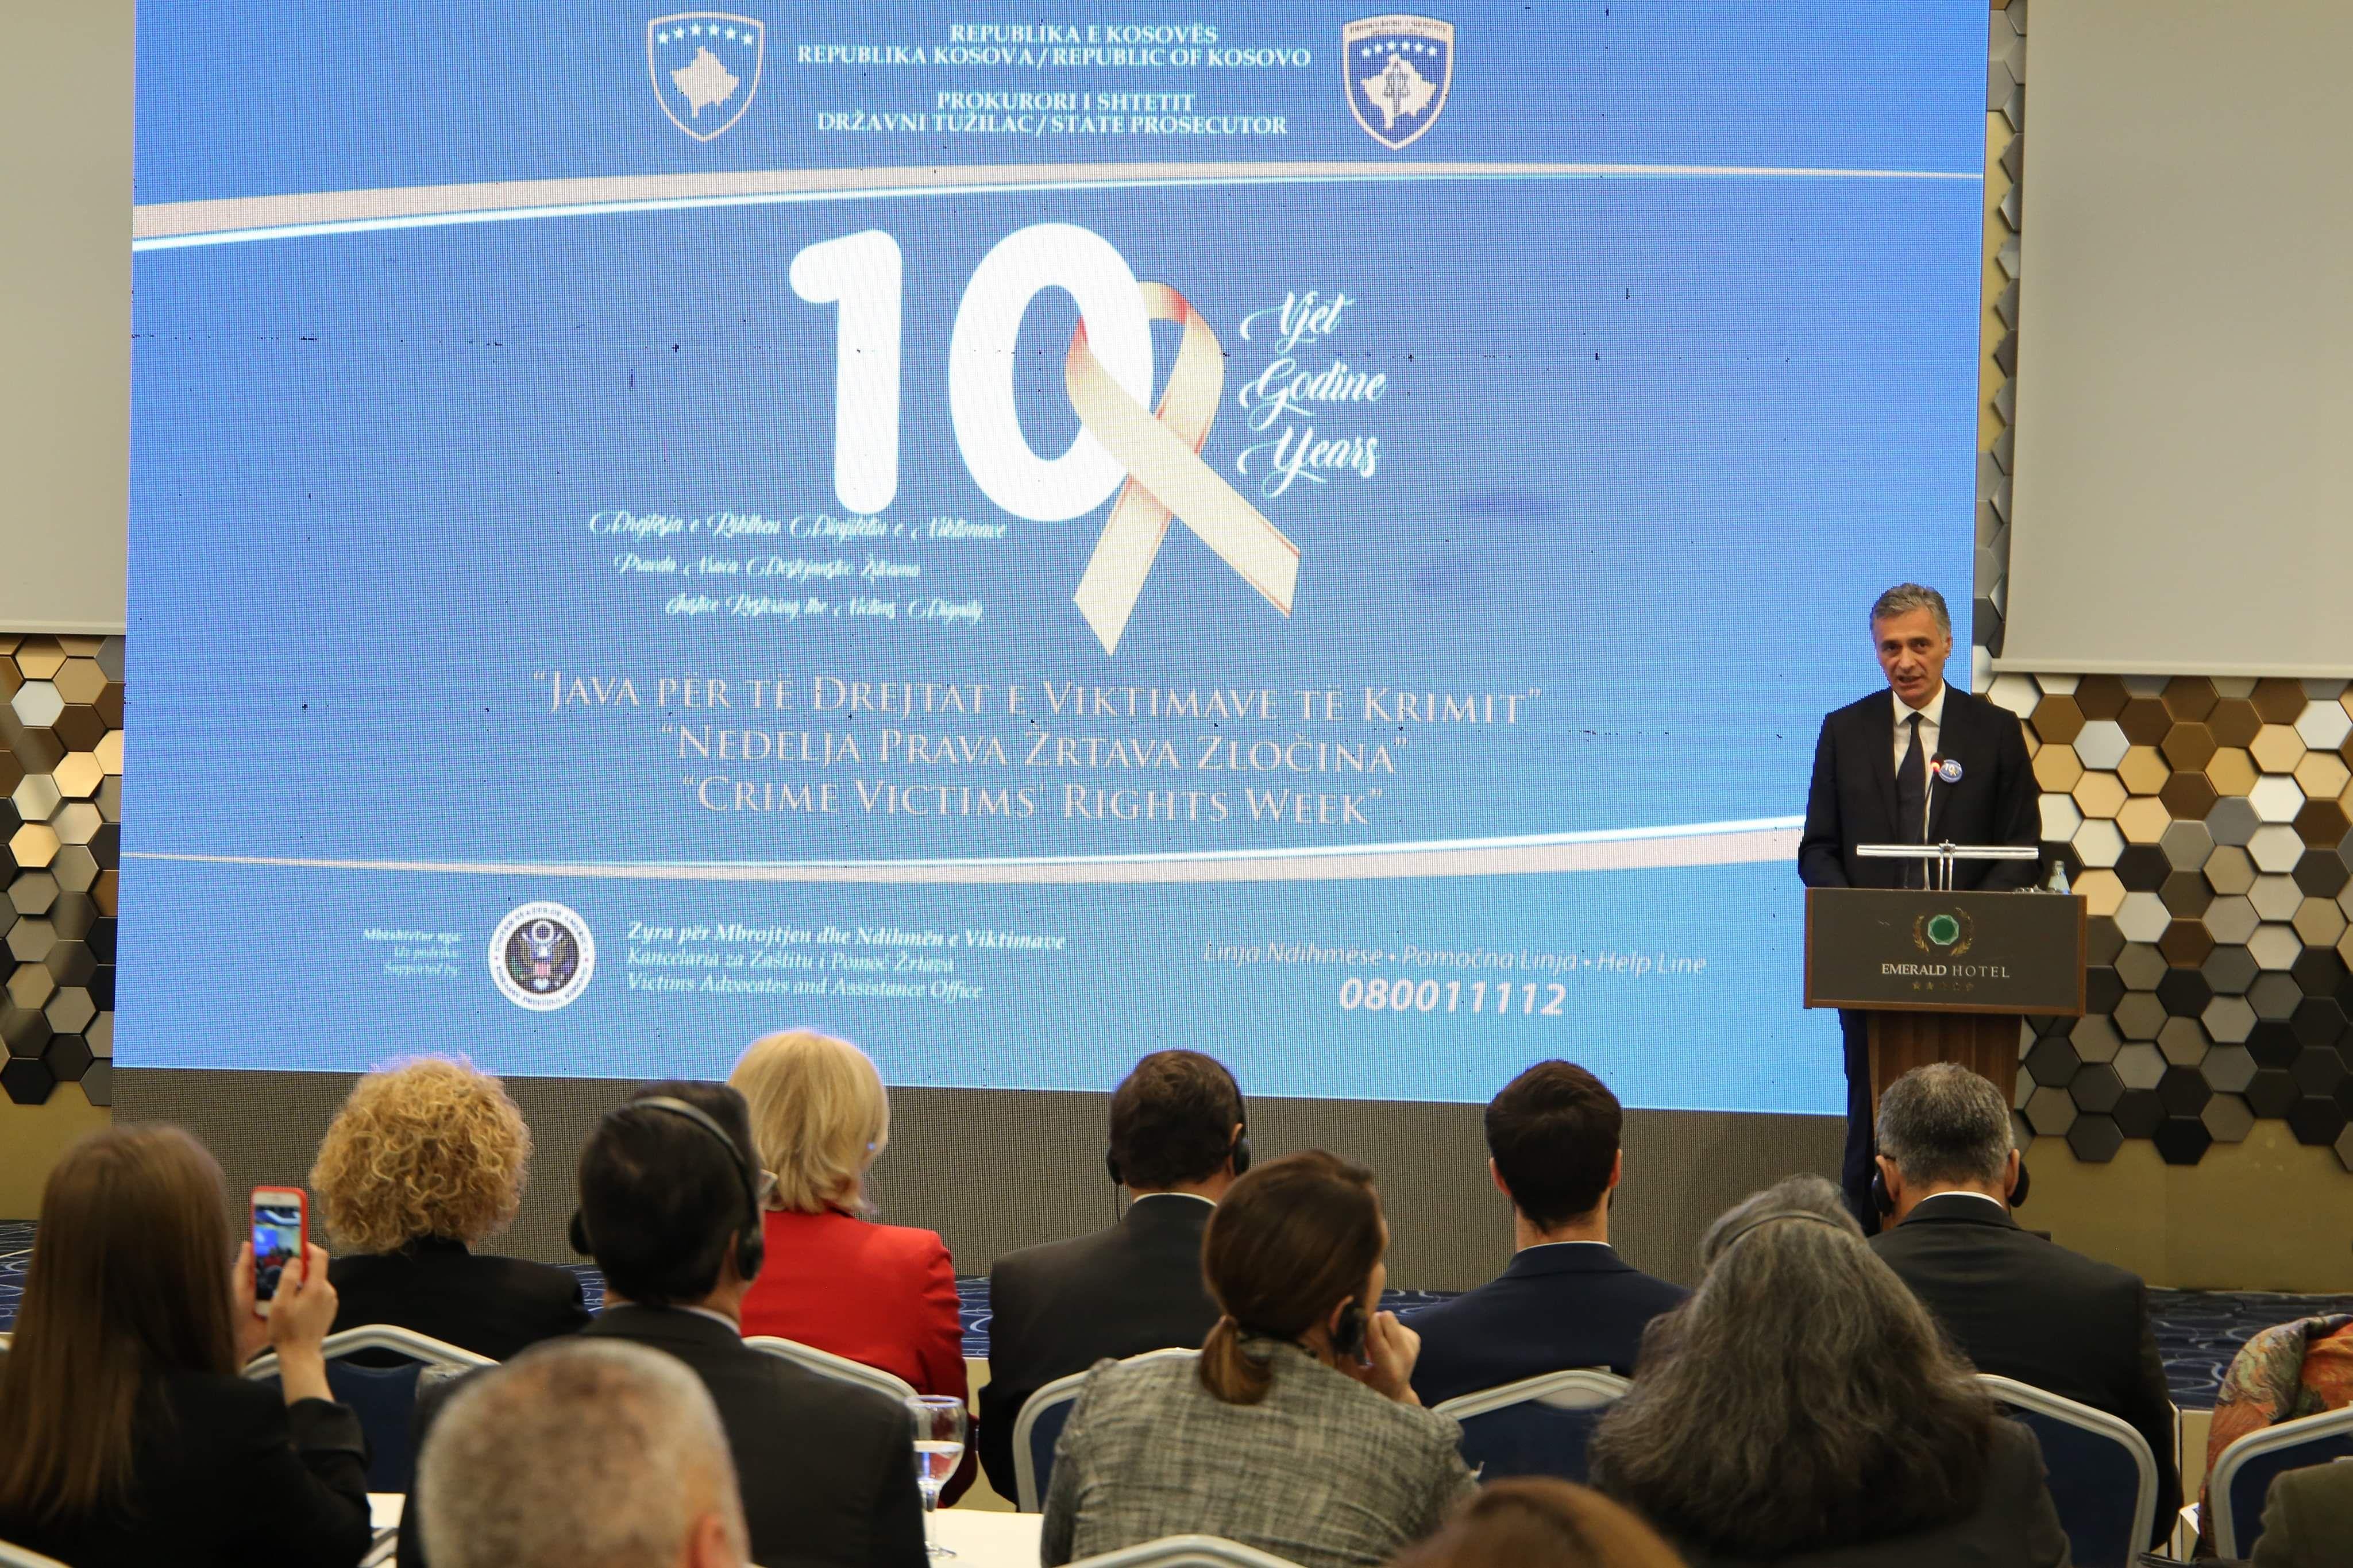 Fjalimi i Kryeprokurorit të Shtetit, Aleksandër Lumezi, në dhjetë vjetorin e Javës për të Drejtat e Viktimave të Krimit